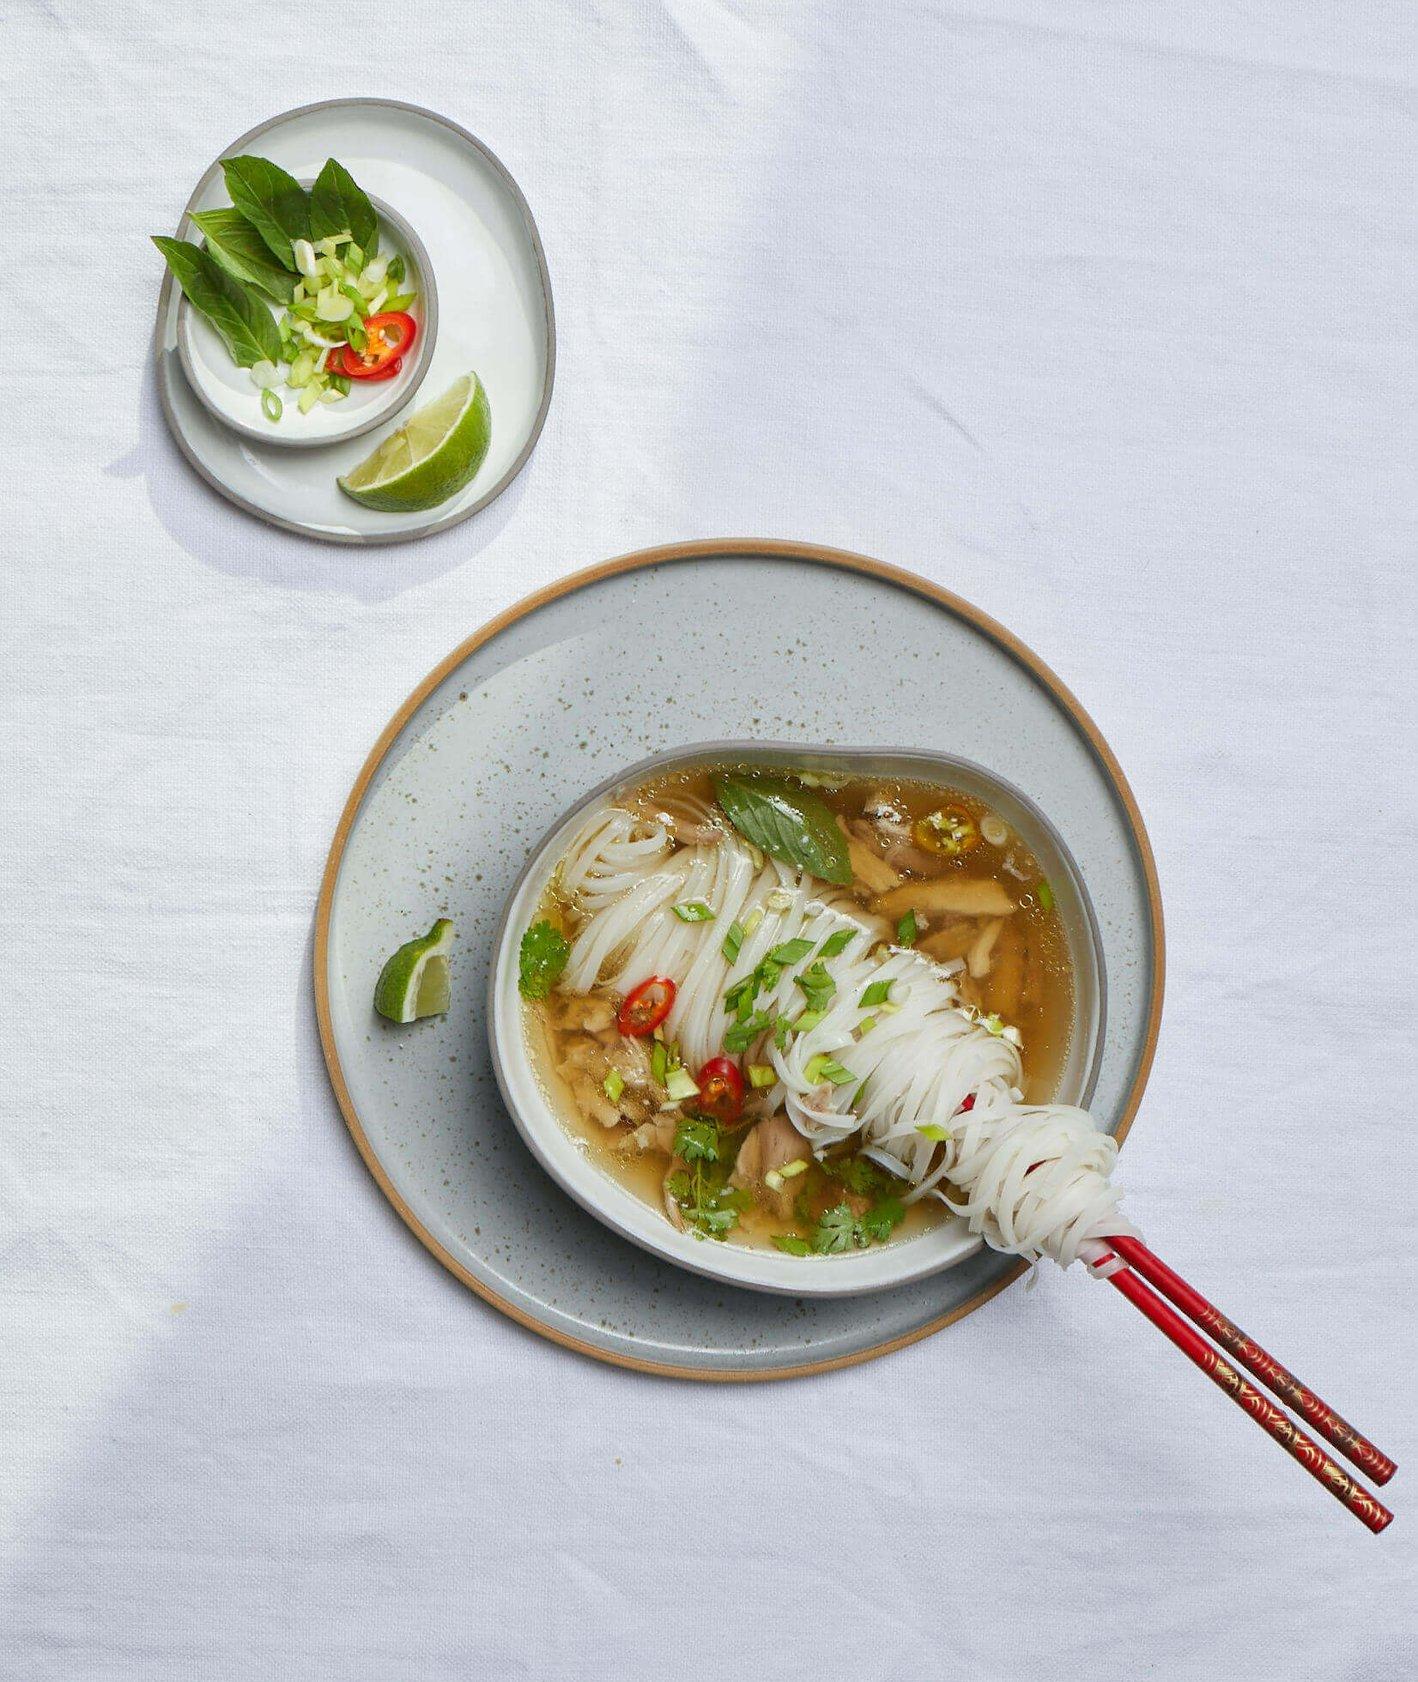 zupa pho, makaron ryżowy, domowe pho, pho z kurczakiem, rozgrzewająca zupa, kuchnia azjatycka, domowy bulion